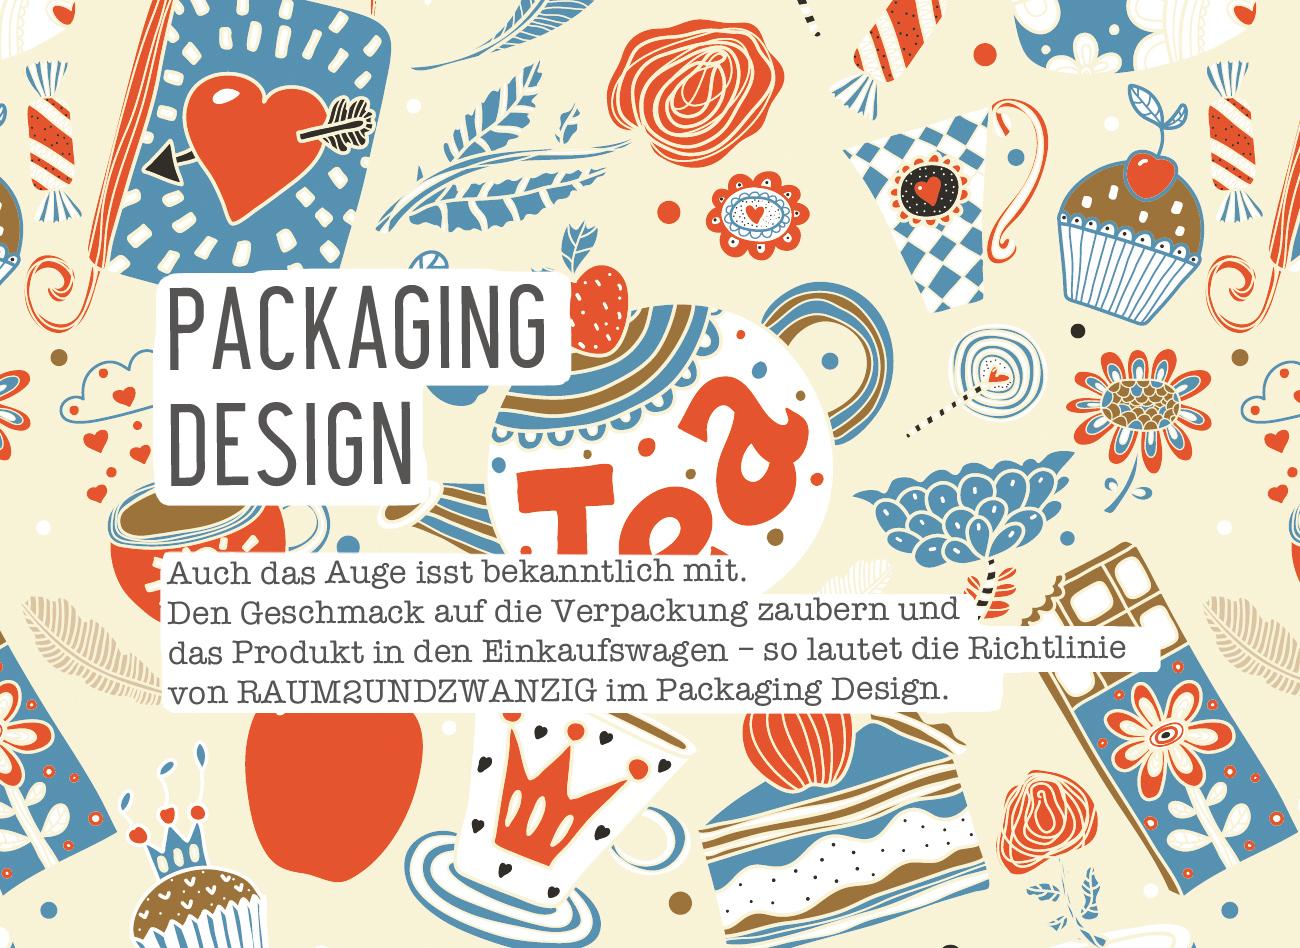 packaging_1_gross1Auch das Auge isst bekanntlich mit. Den Geschmack auf die Verpackung zaubern und das Produkt in den Einkaufswagen – so lautet die Richtlinie von RAUM2UNDZWANZIG im Packaging Design.